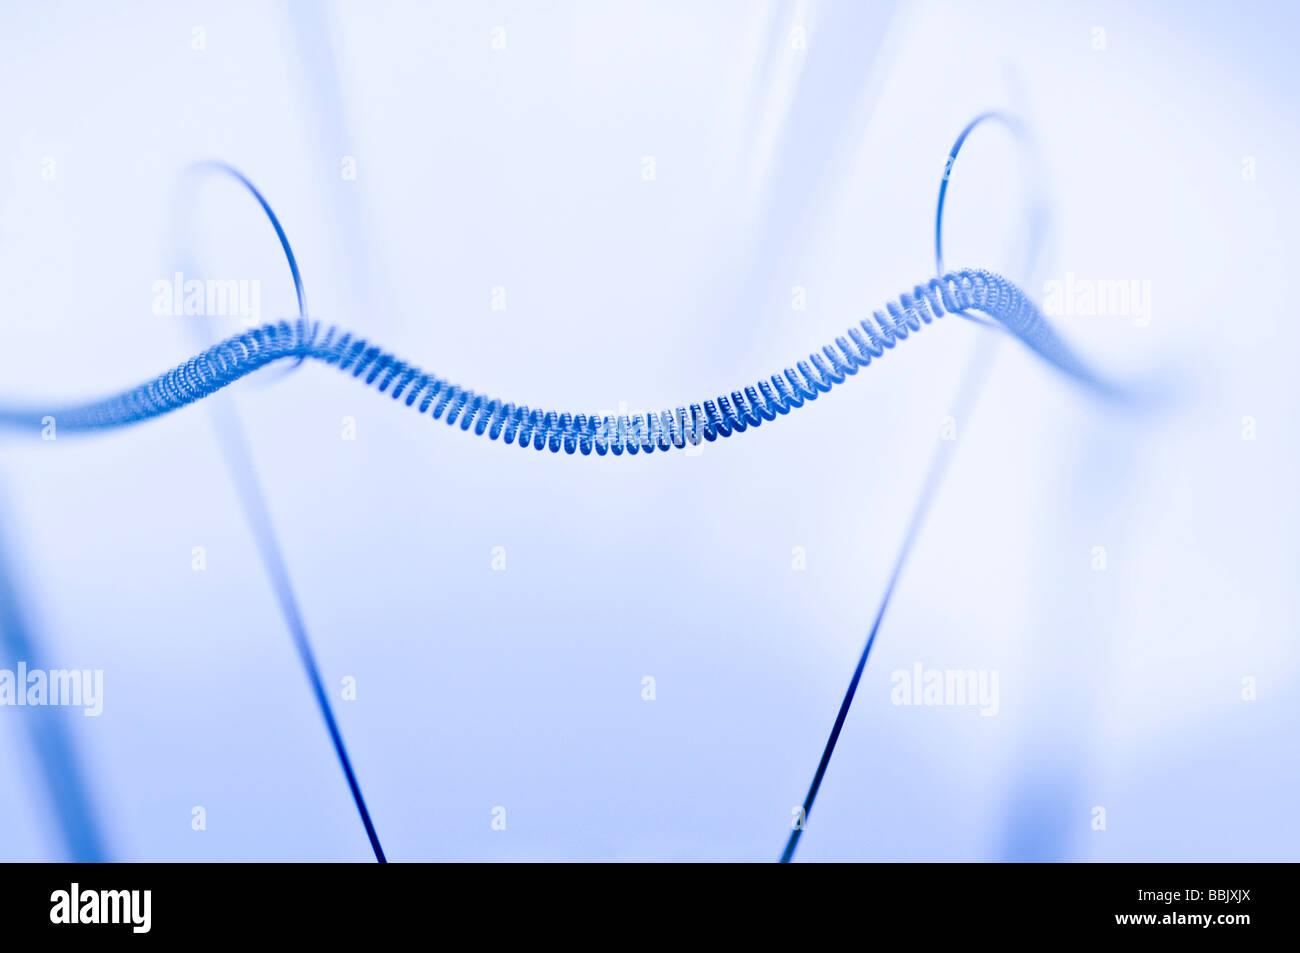 light bulb filament - Stock Image